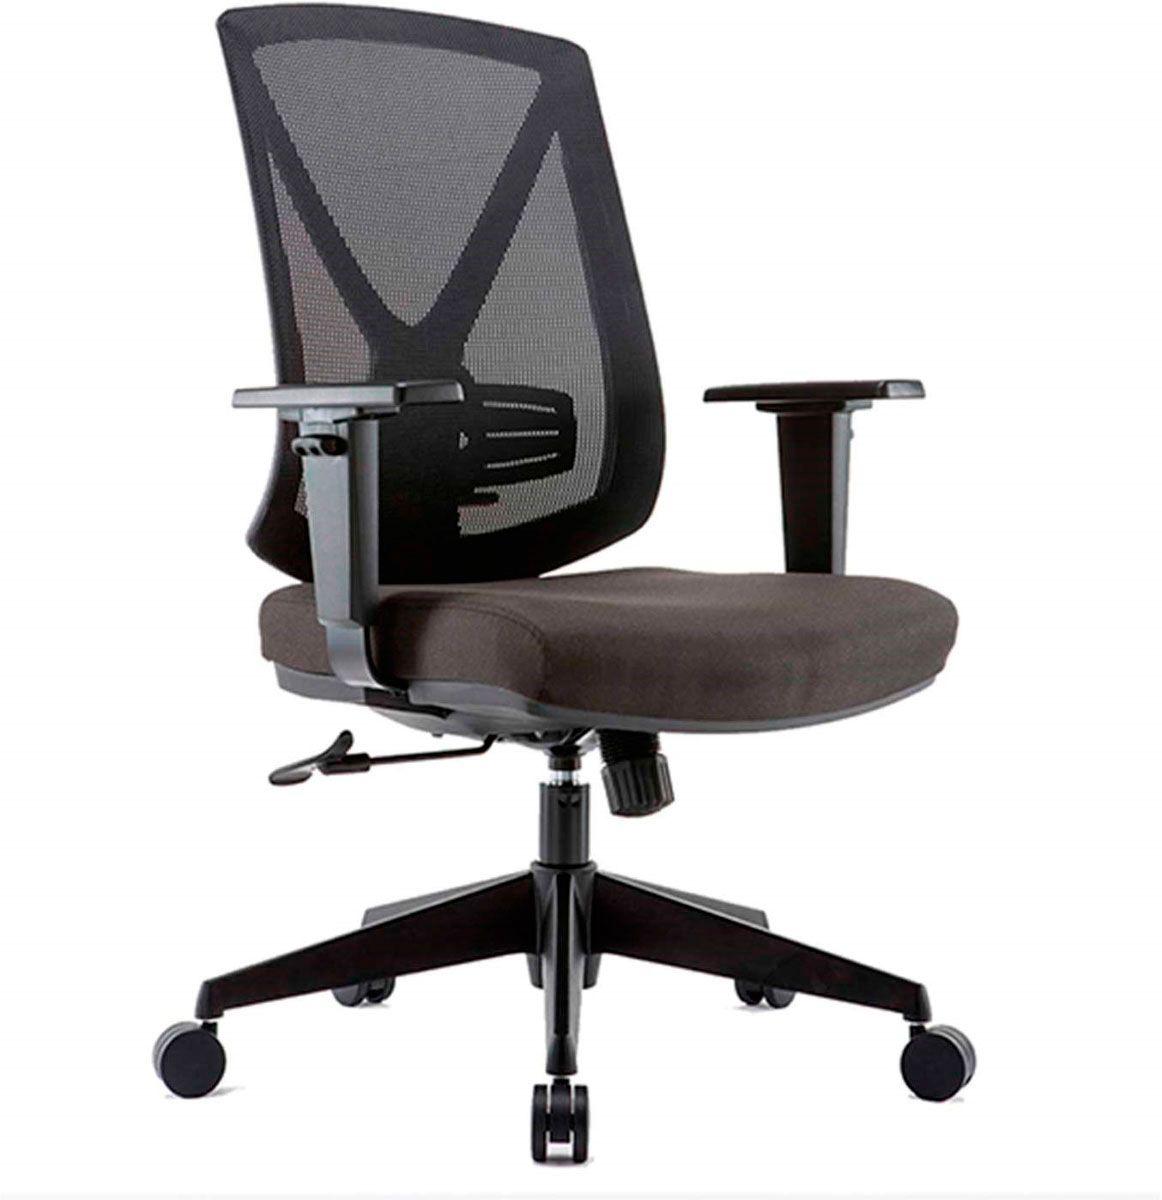 Cadeira de escritório NAIM secretária giratória base nylon preta assento em corino PU